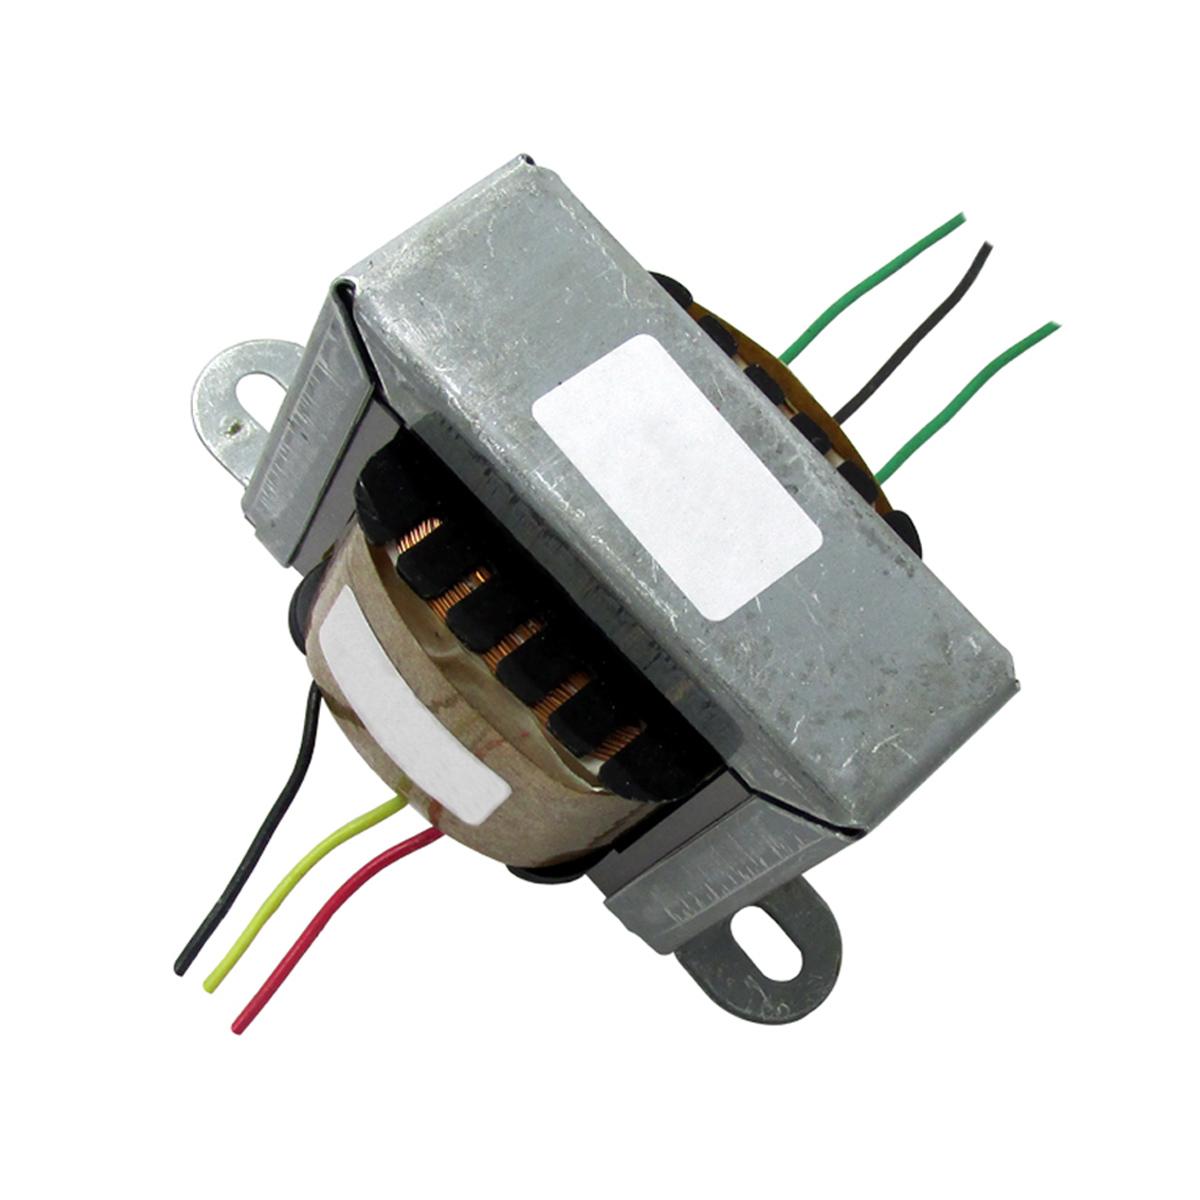 Transformador Trafo 15+15v 500ma Bivolt Eletronica Eletrica